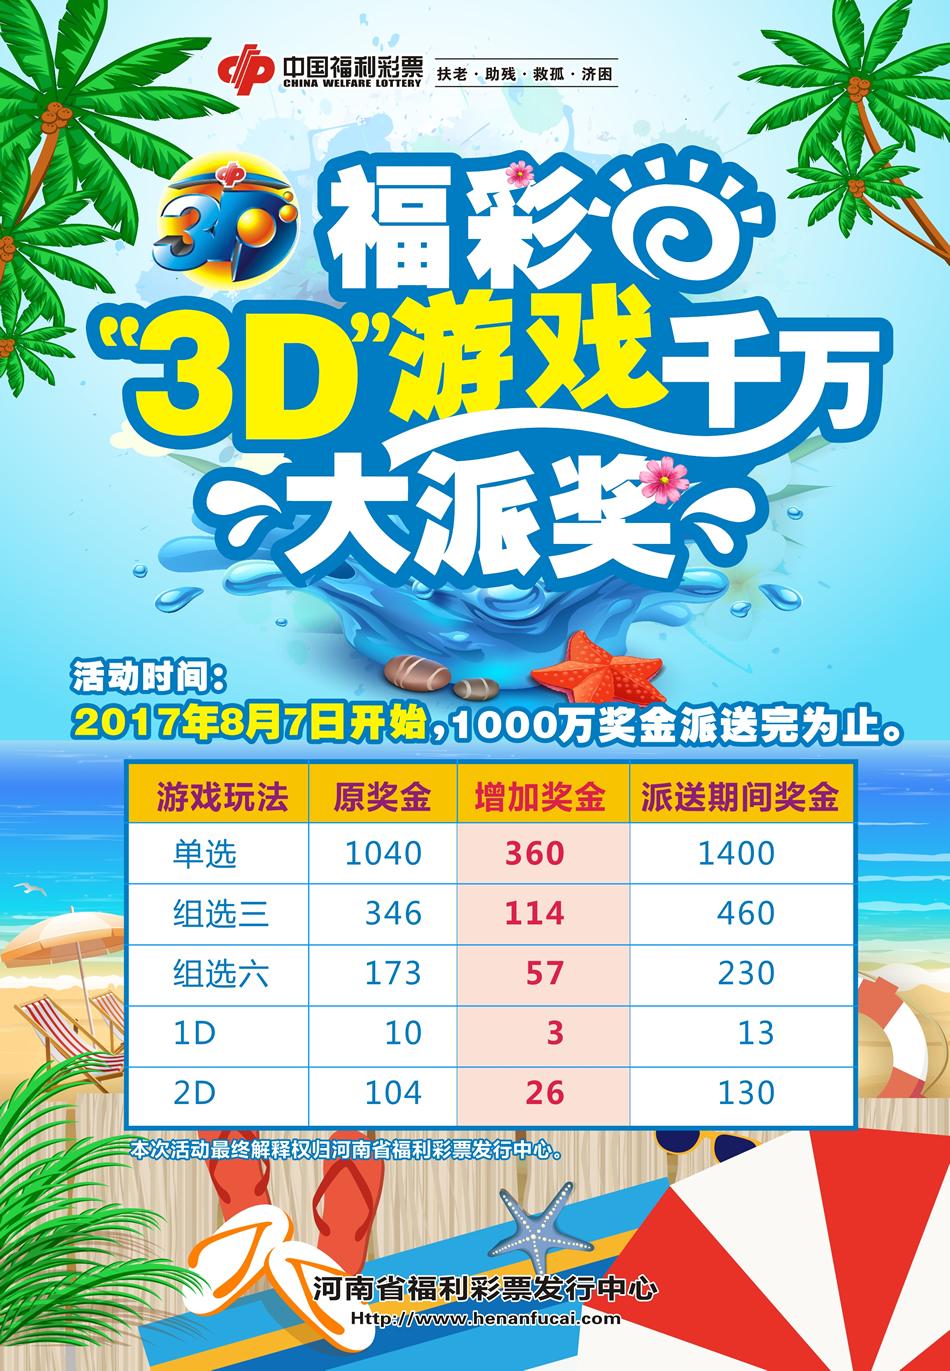 福彩3d游戏千万大派奖海报